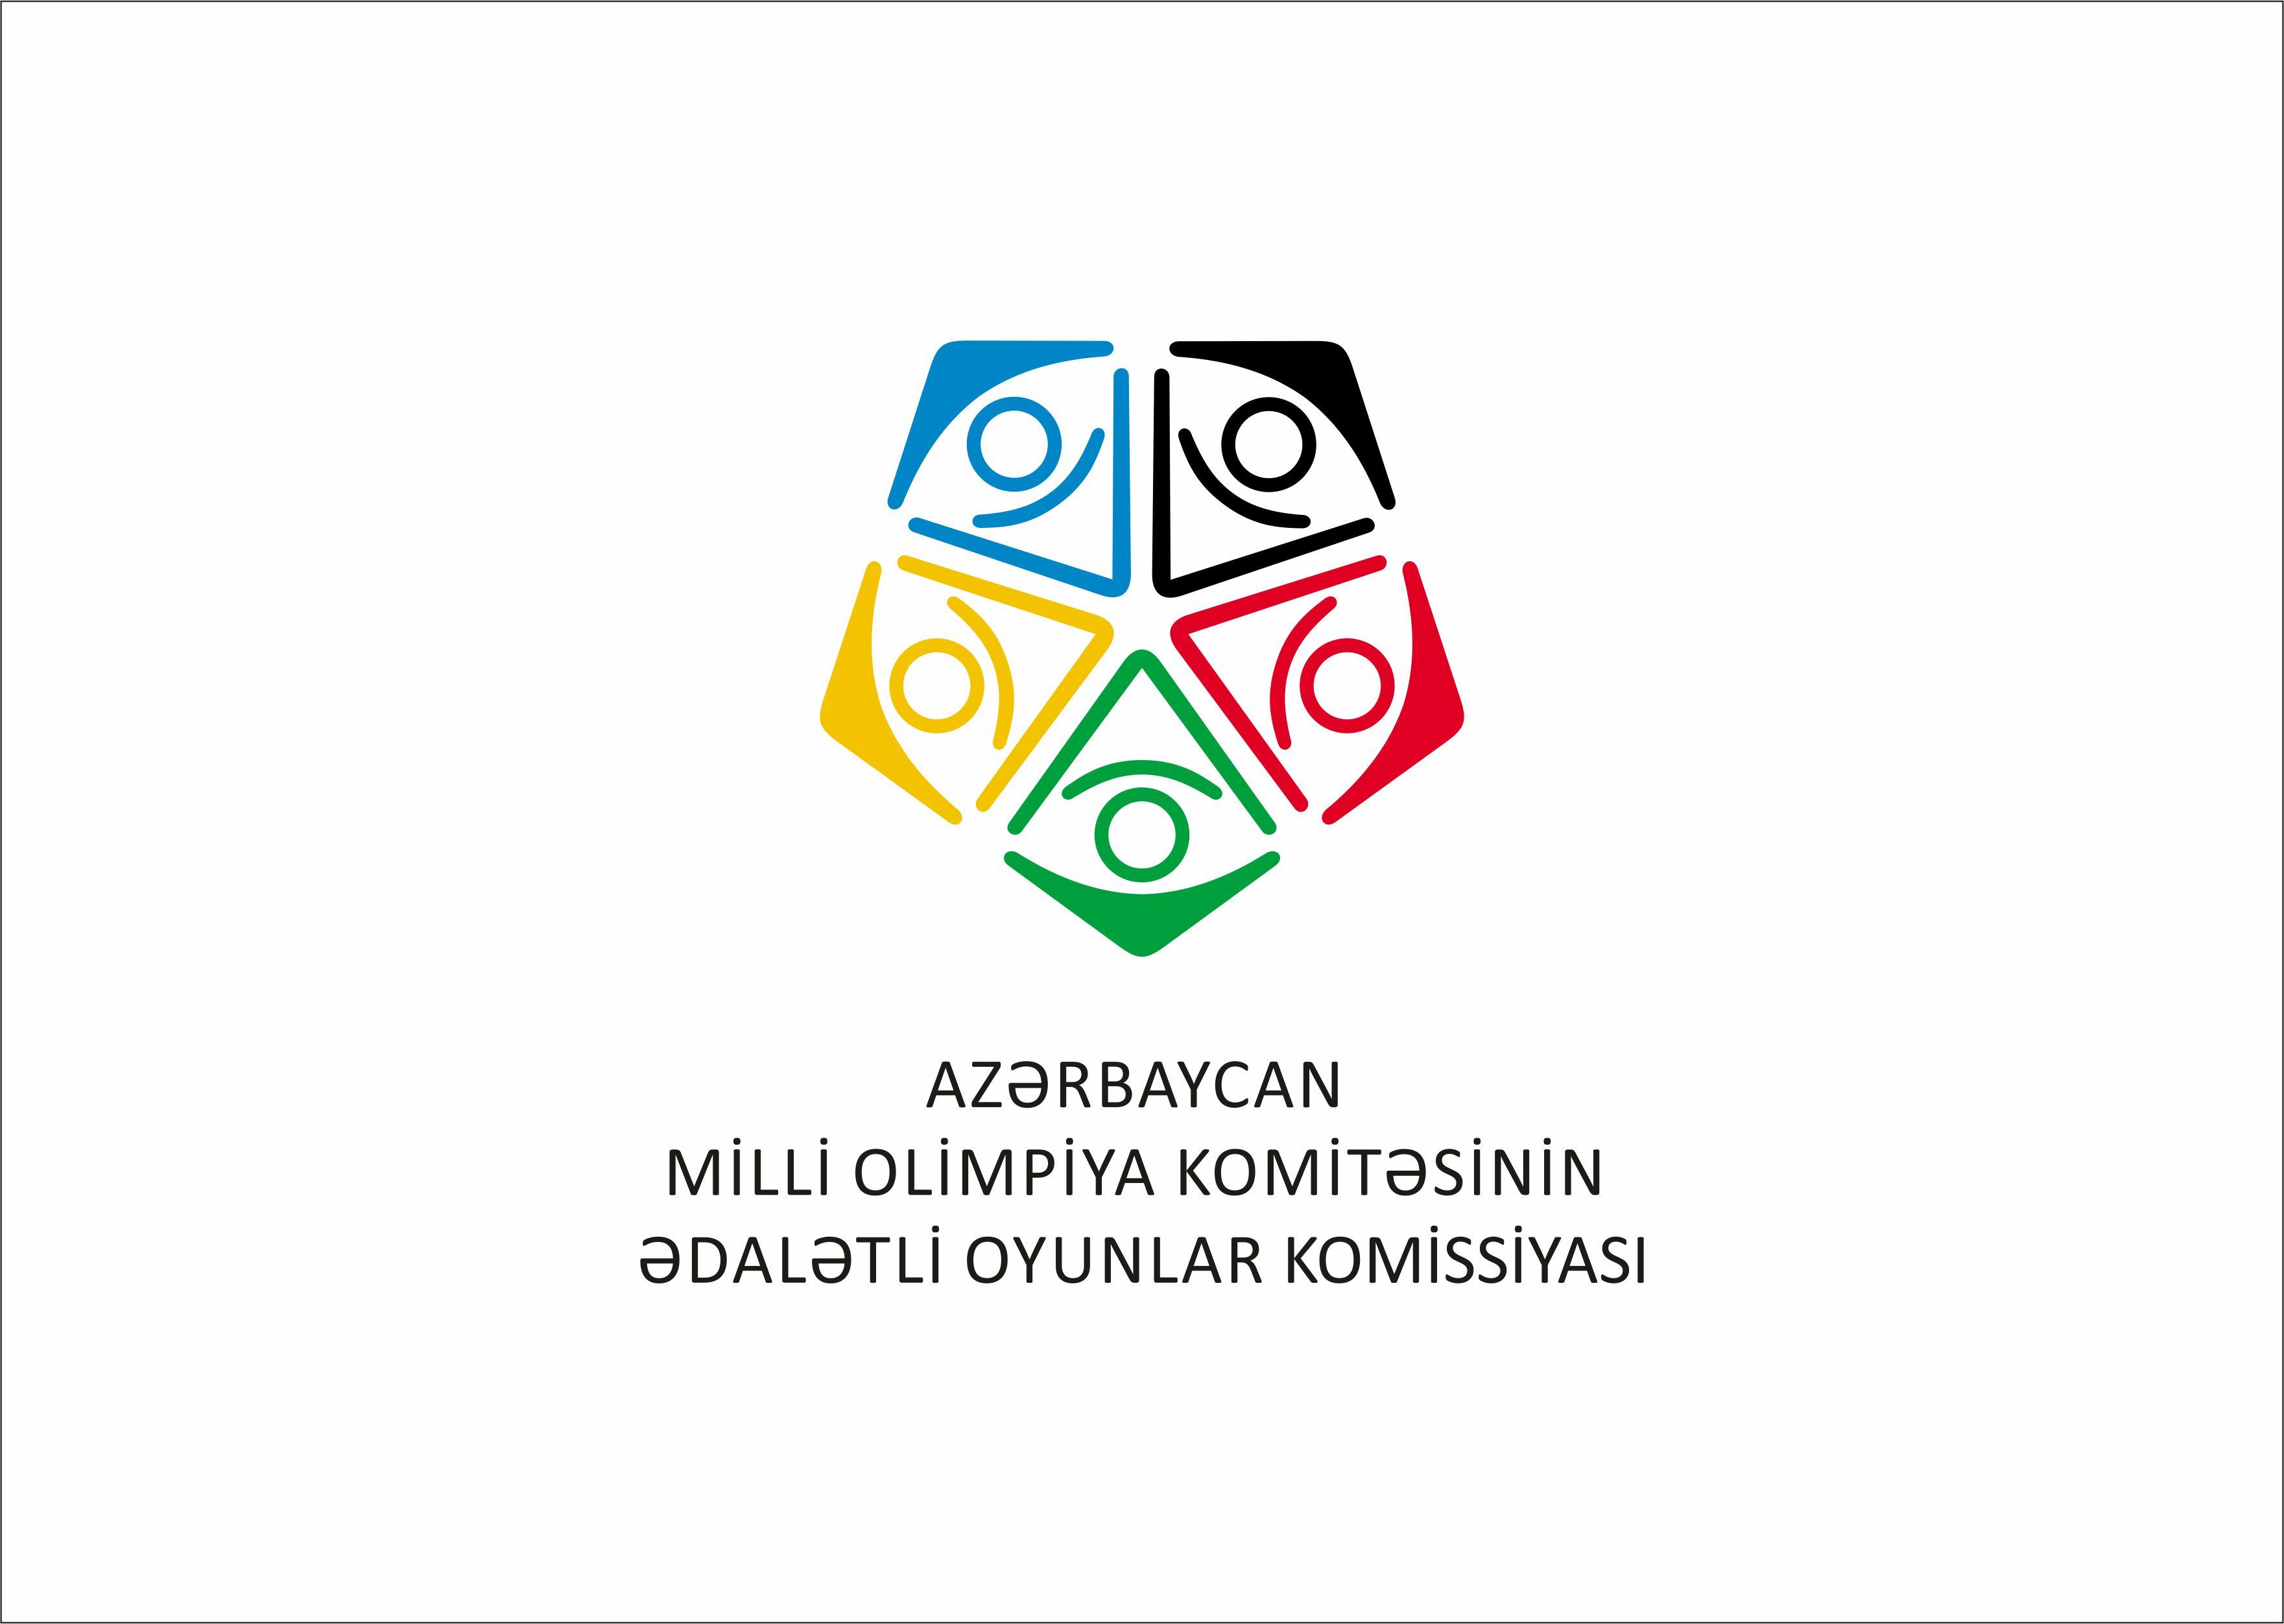 Azərbaycan Ədalətli Oyunlar Komissiyası beynəlxalq təşkilatlara müraciət edib